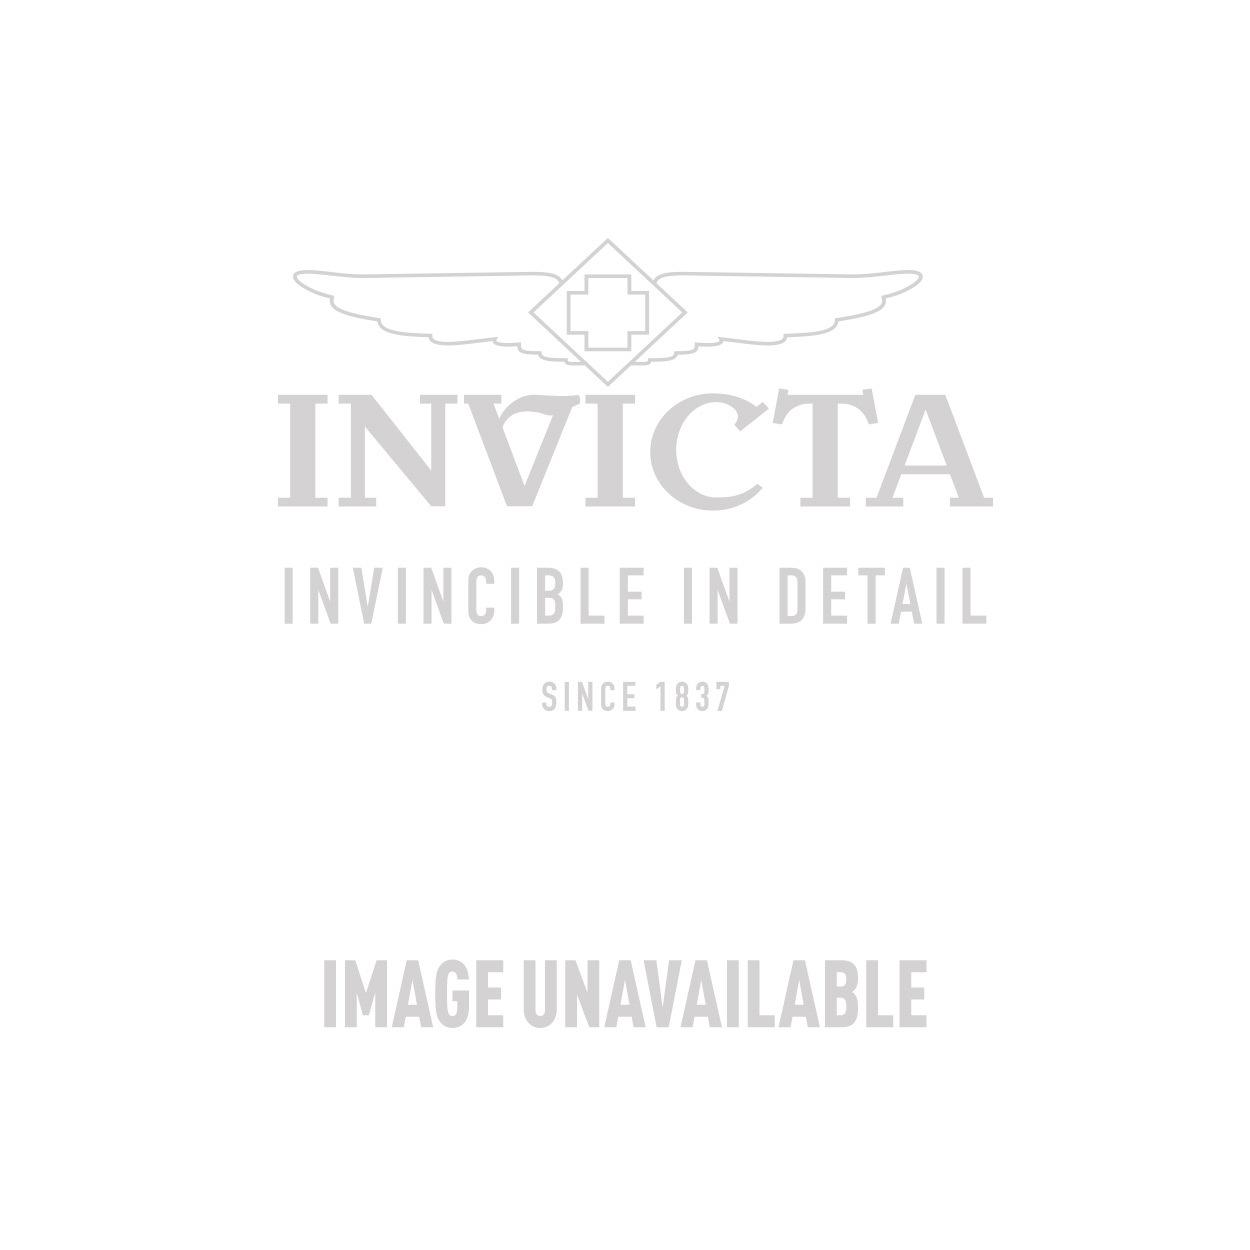 Invicta Model 22134